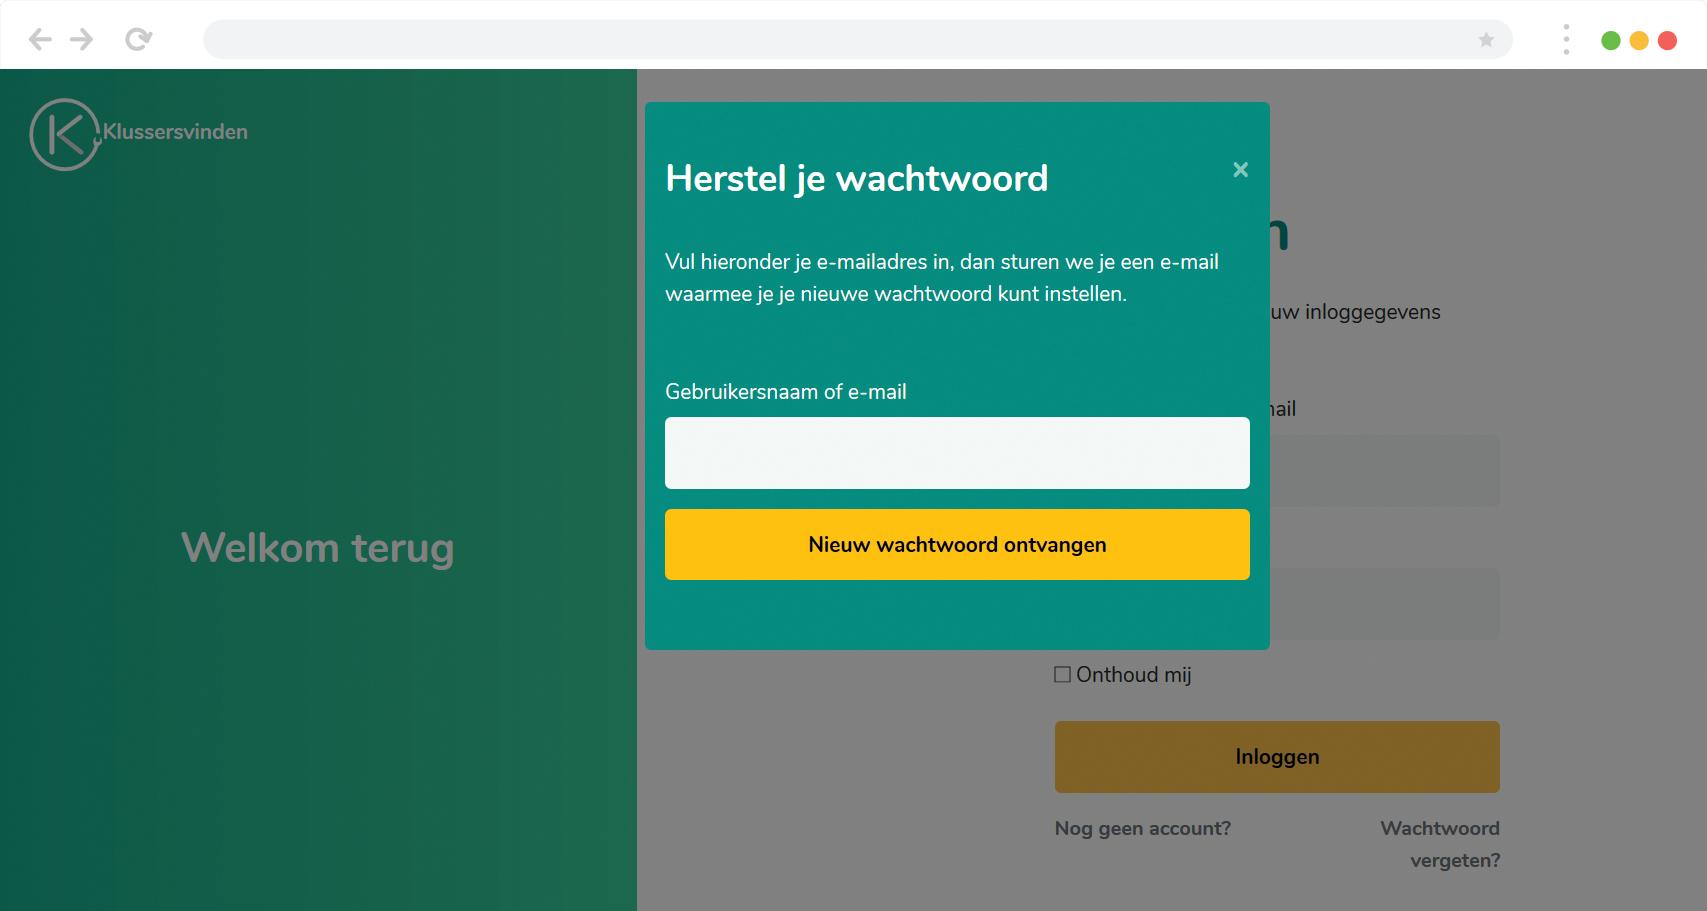 Screenshot wachtwoord vergeten klussersvinden.nl